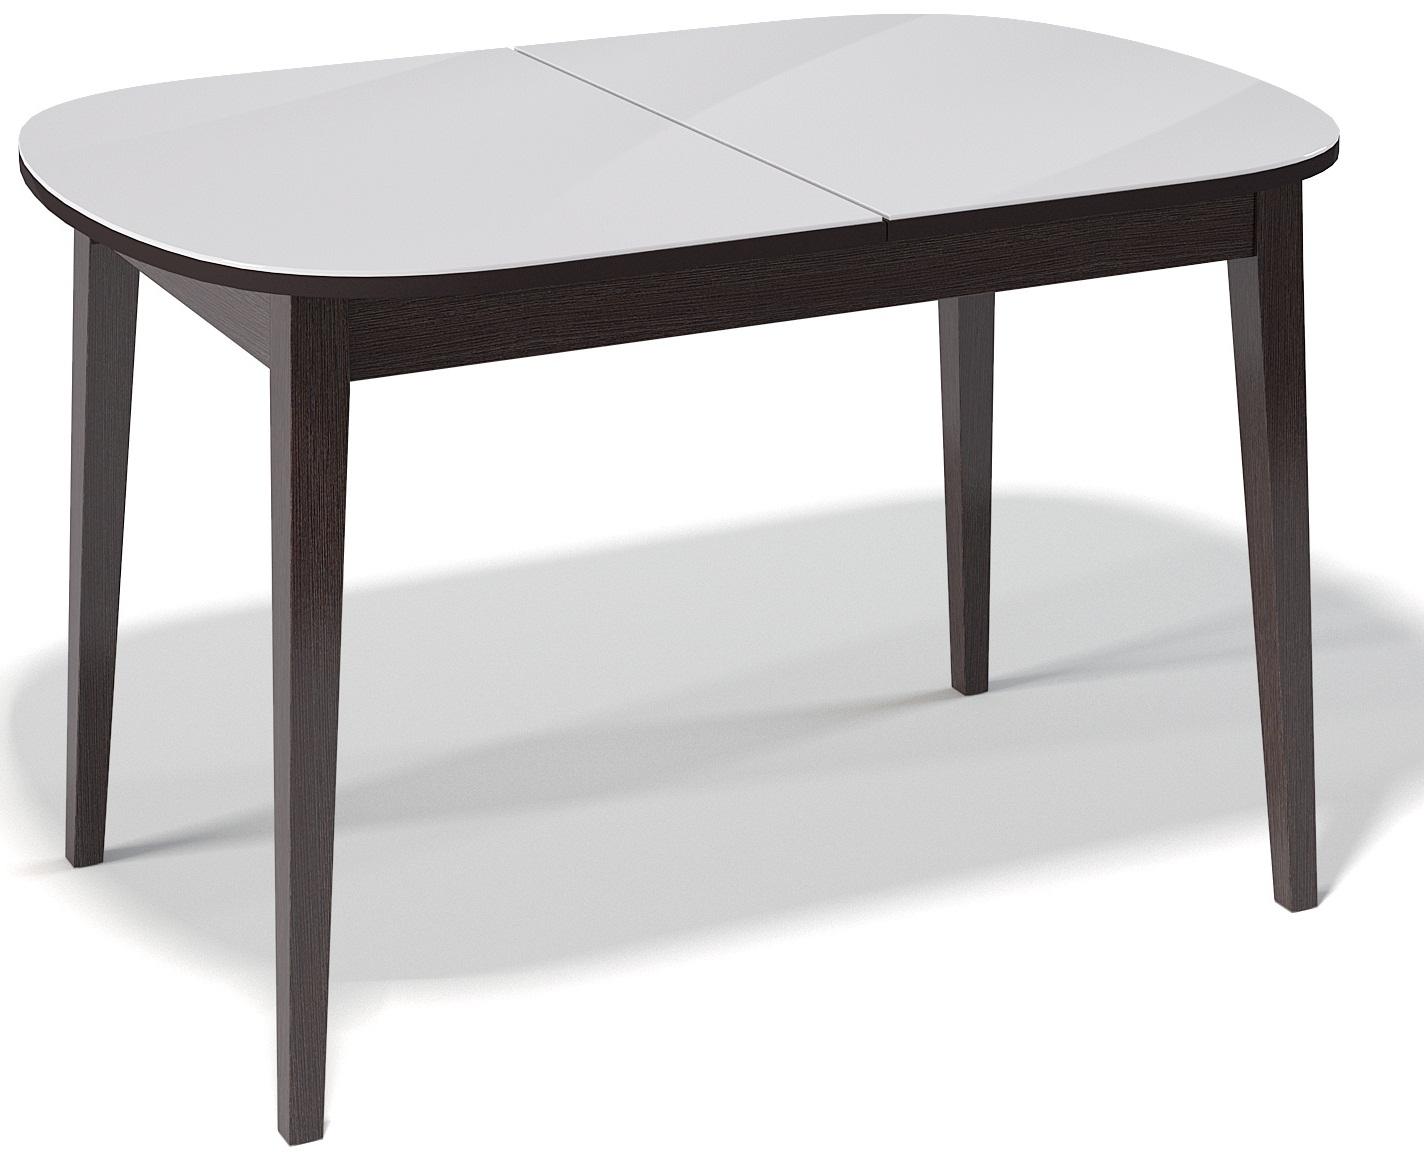 Стол деревянный 130 см. со стеклянной столешницей венге, белое стекло (арт. М4261)